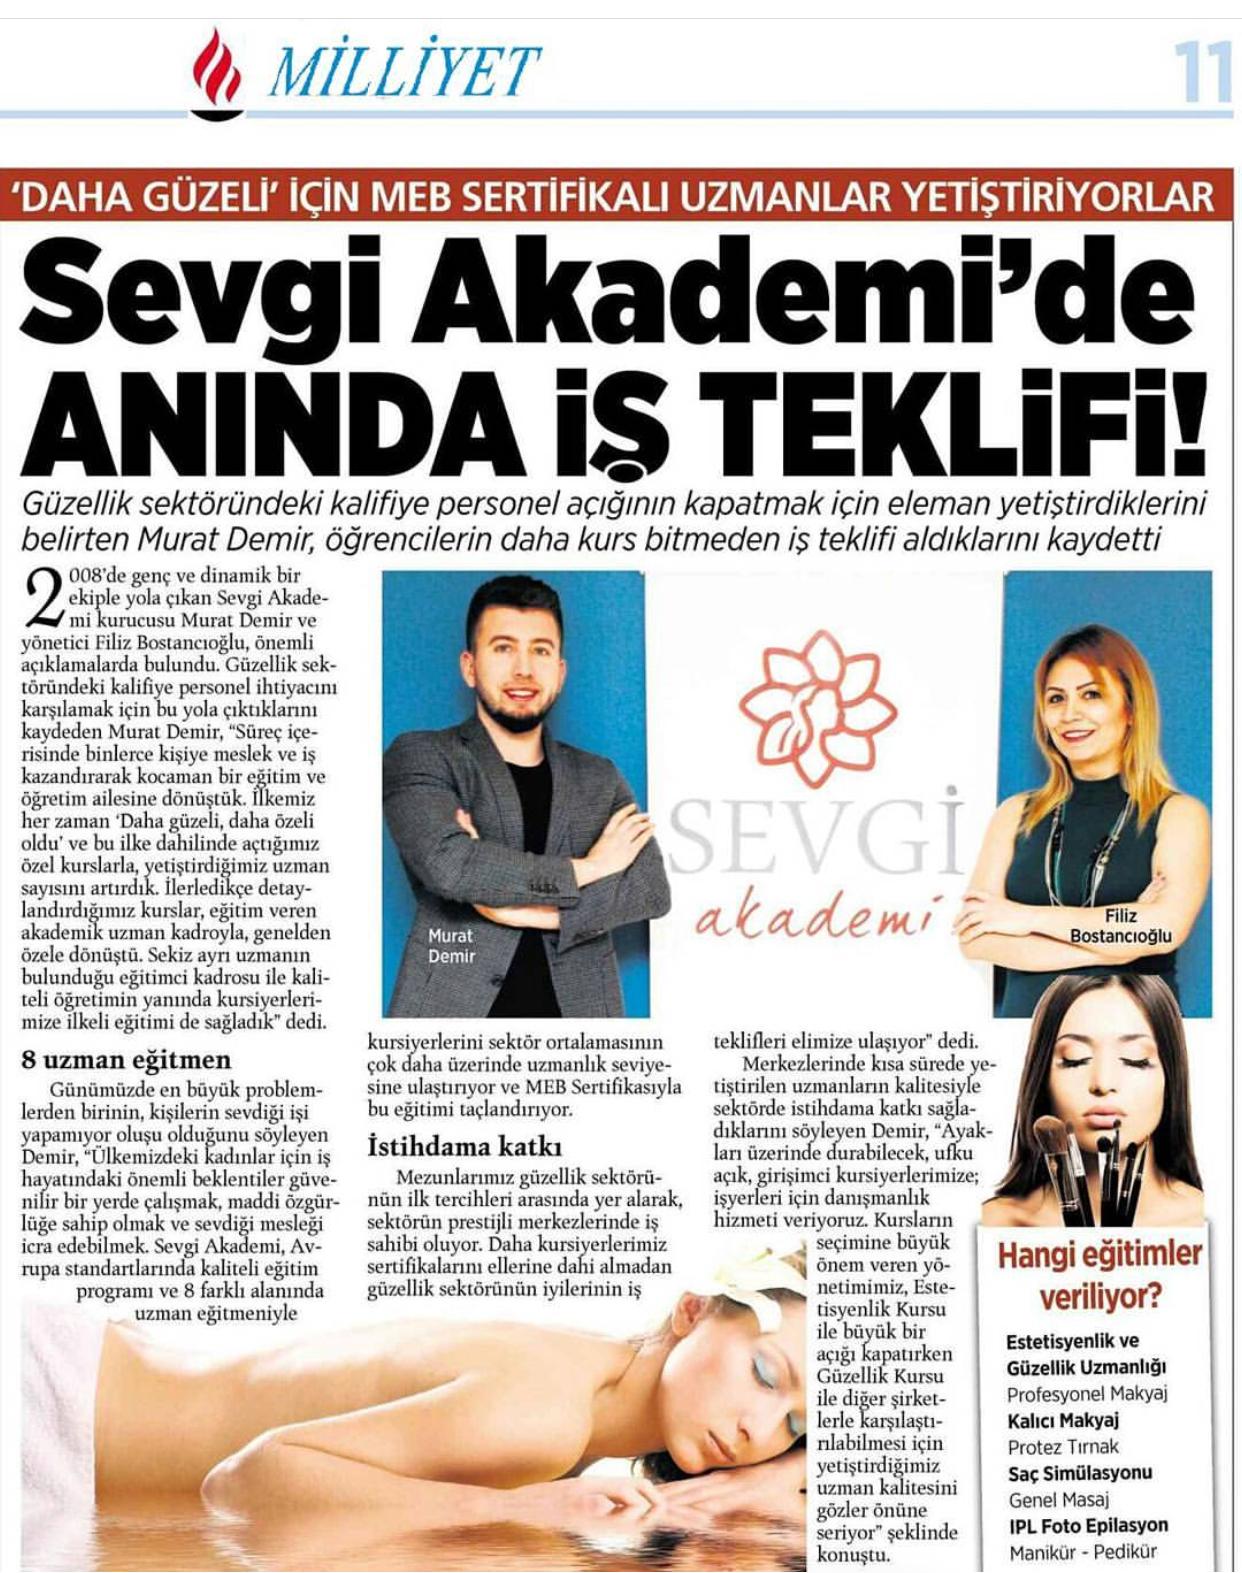 Estetisyenlik Kursu İzmir & Güzellik Uzmanlığı Kursu (4.Seviye - Ustalık)